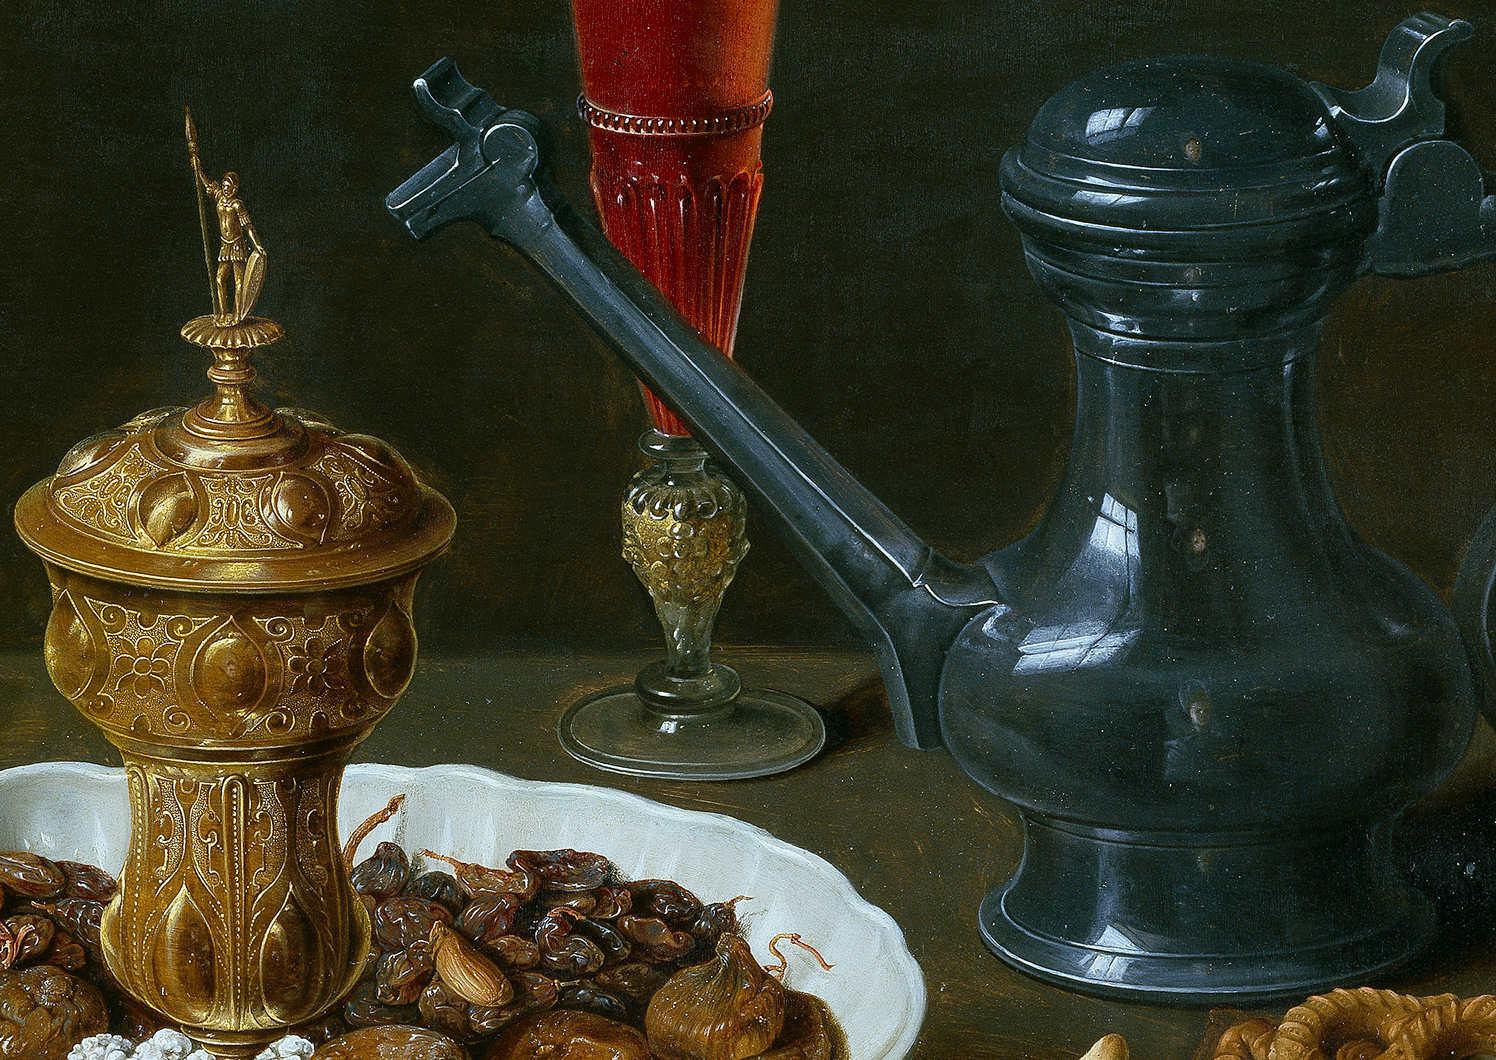 Clara Peeters, Stillleben mit Blumen, goldenem Kelch, Mandeln, getrockneten Früchten, Bonbons, Keksen, Wein und ein Zinnkrug, Detail, 1611, Öl auf Holz, 53 x 73 cm (Madrid, Museo Nacional del Prado)